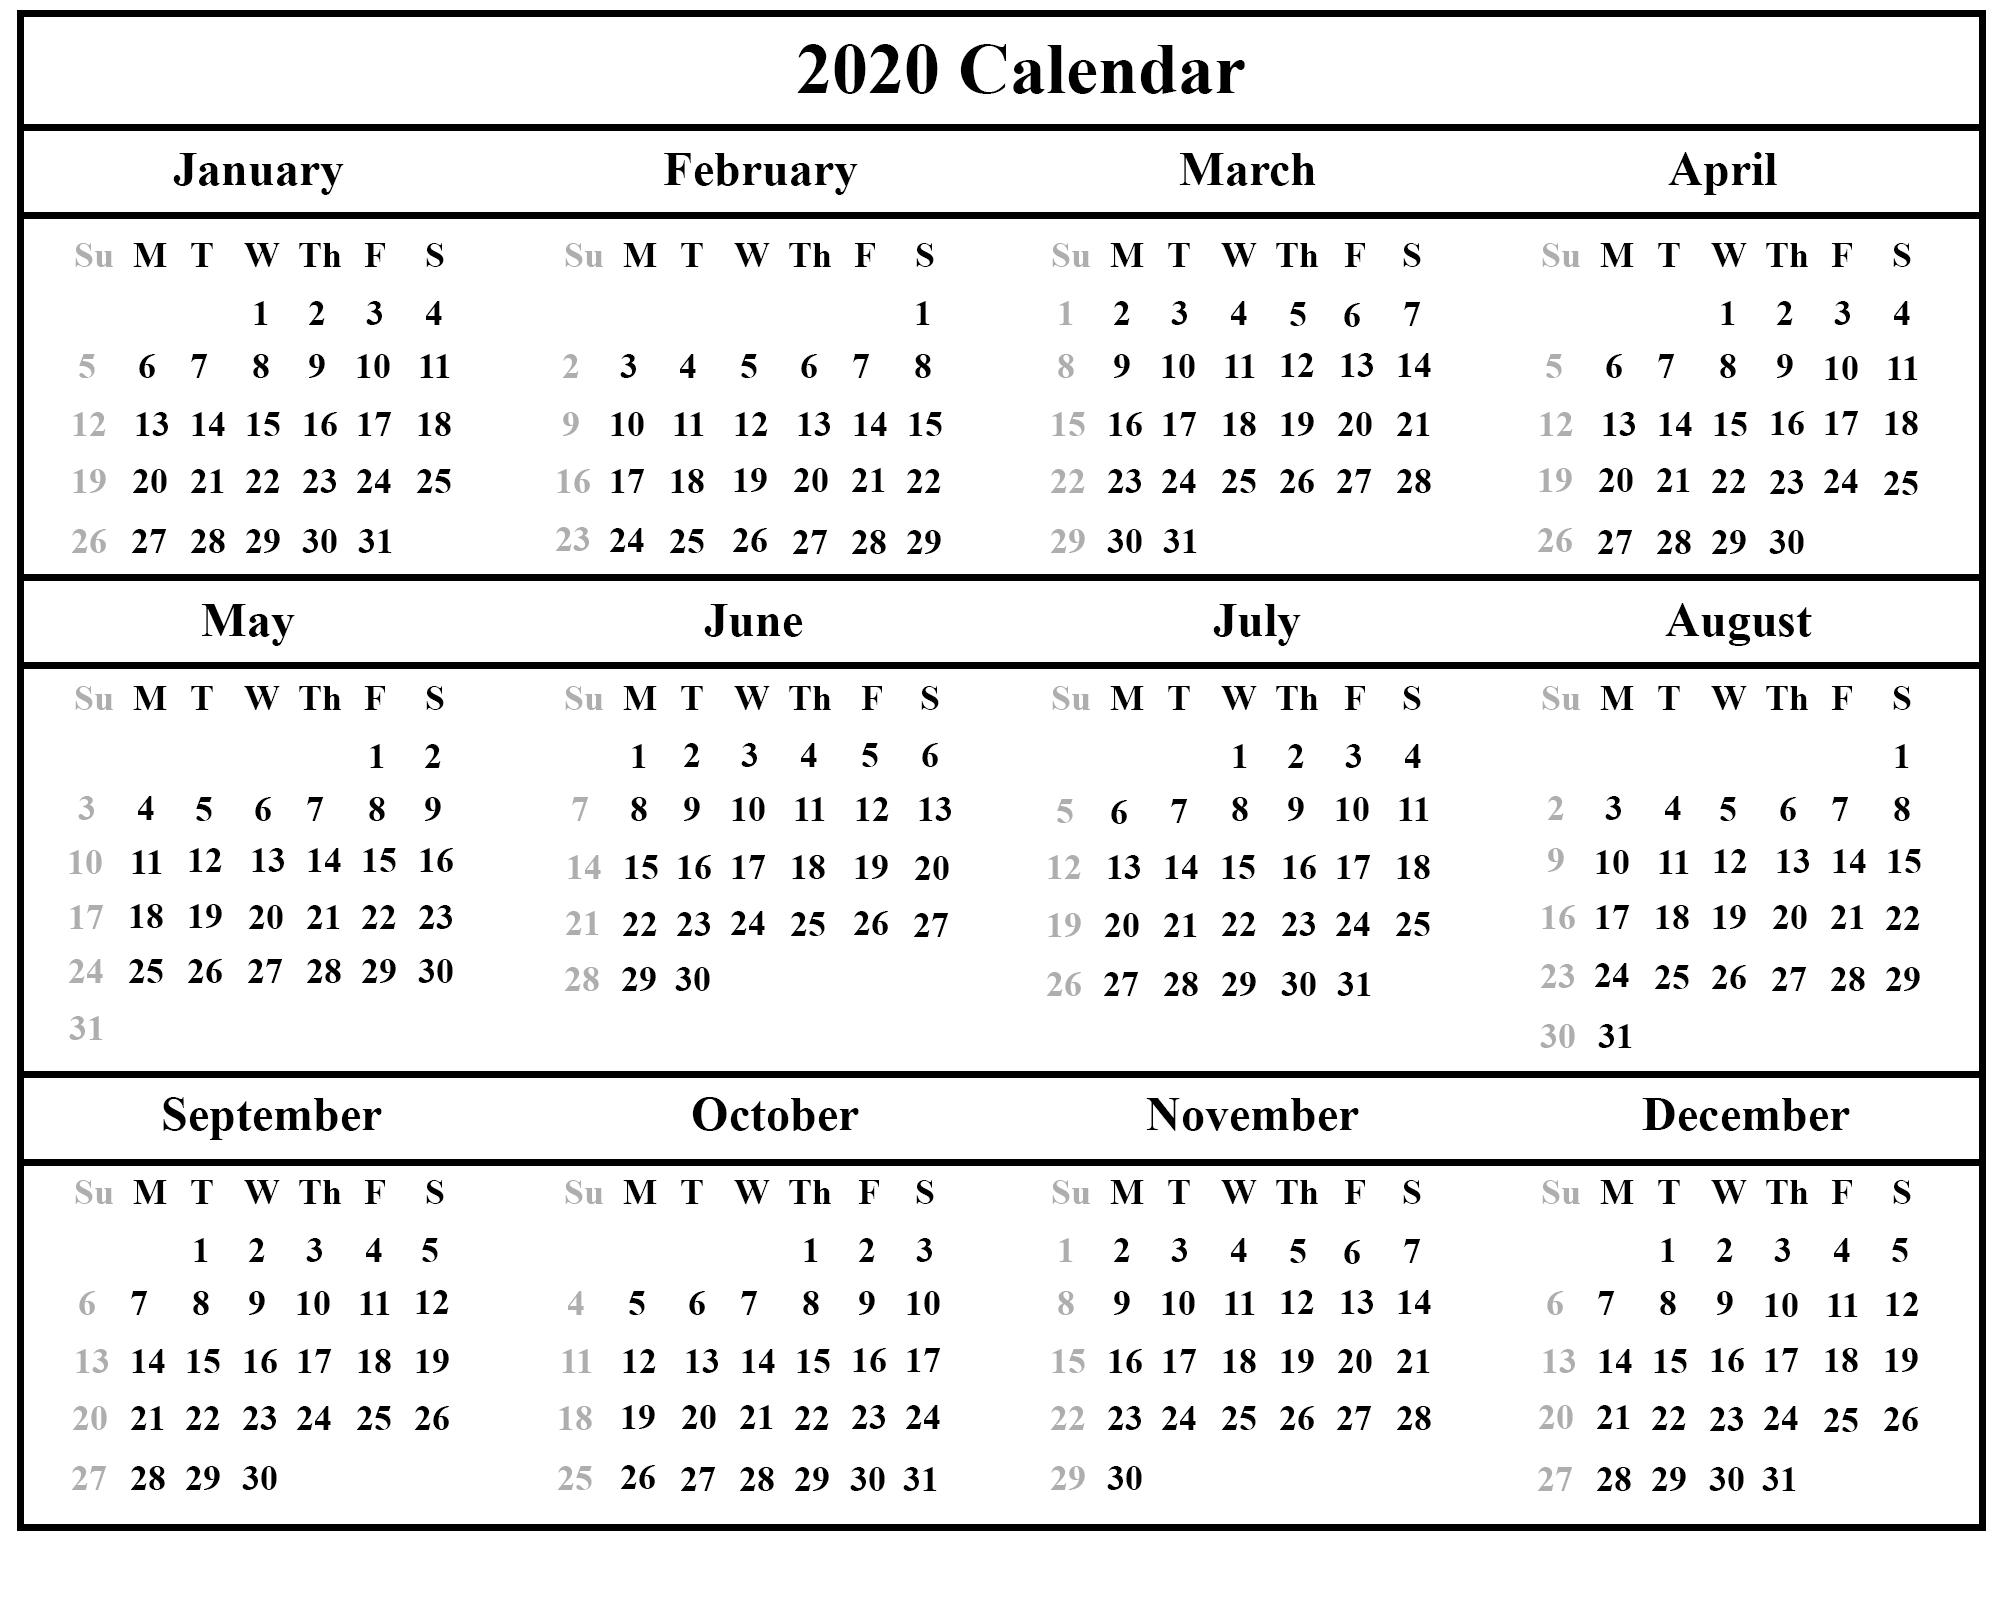 Nanakshahi Calendar 2020 January | Calendar Template Information regarding Sikh Jantri 2020